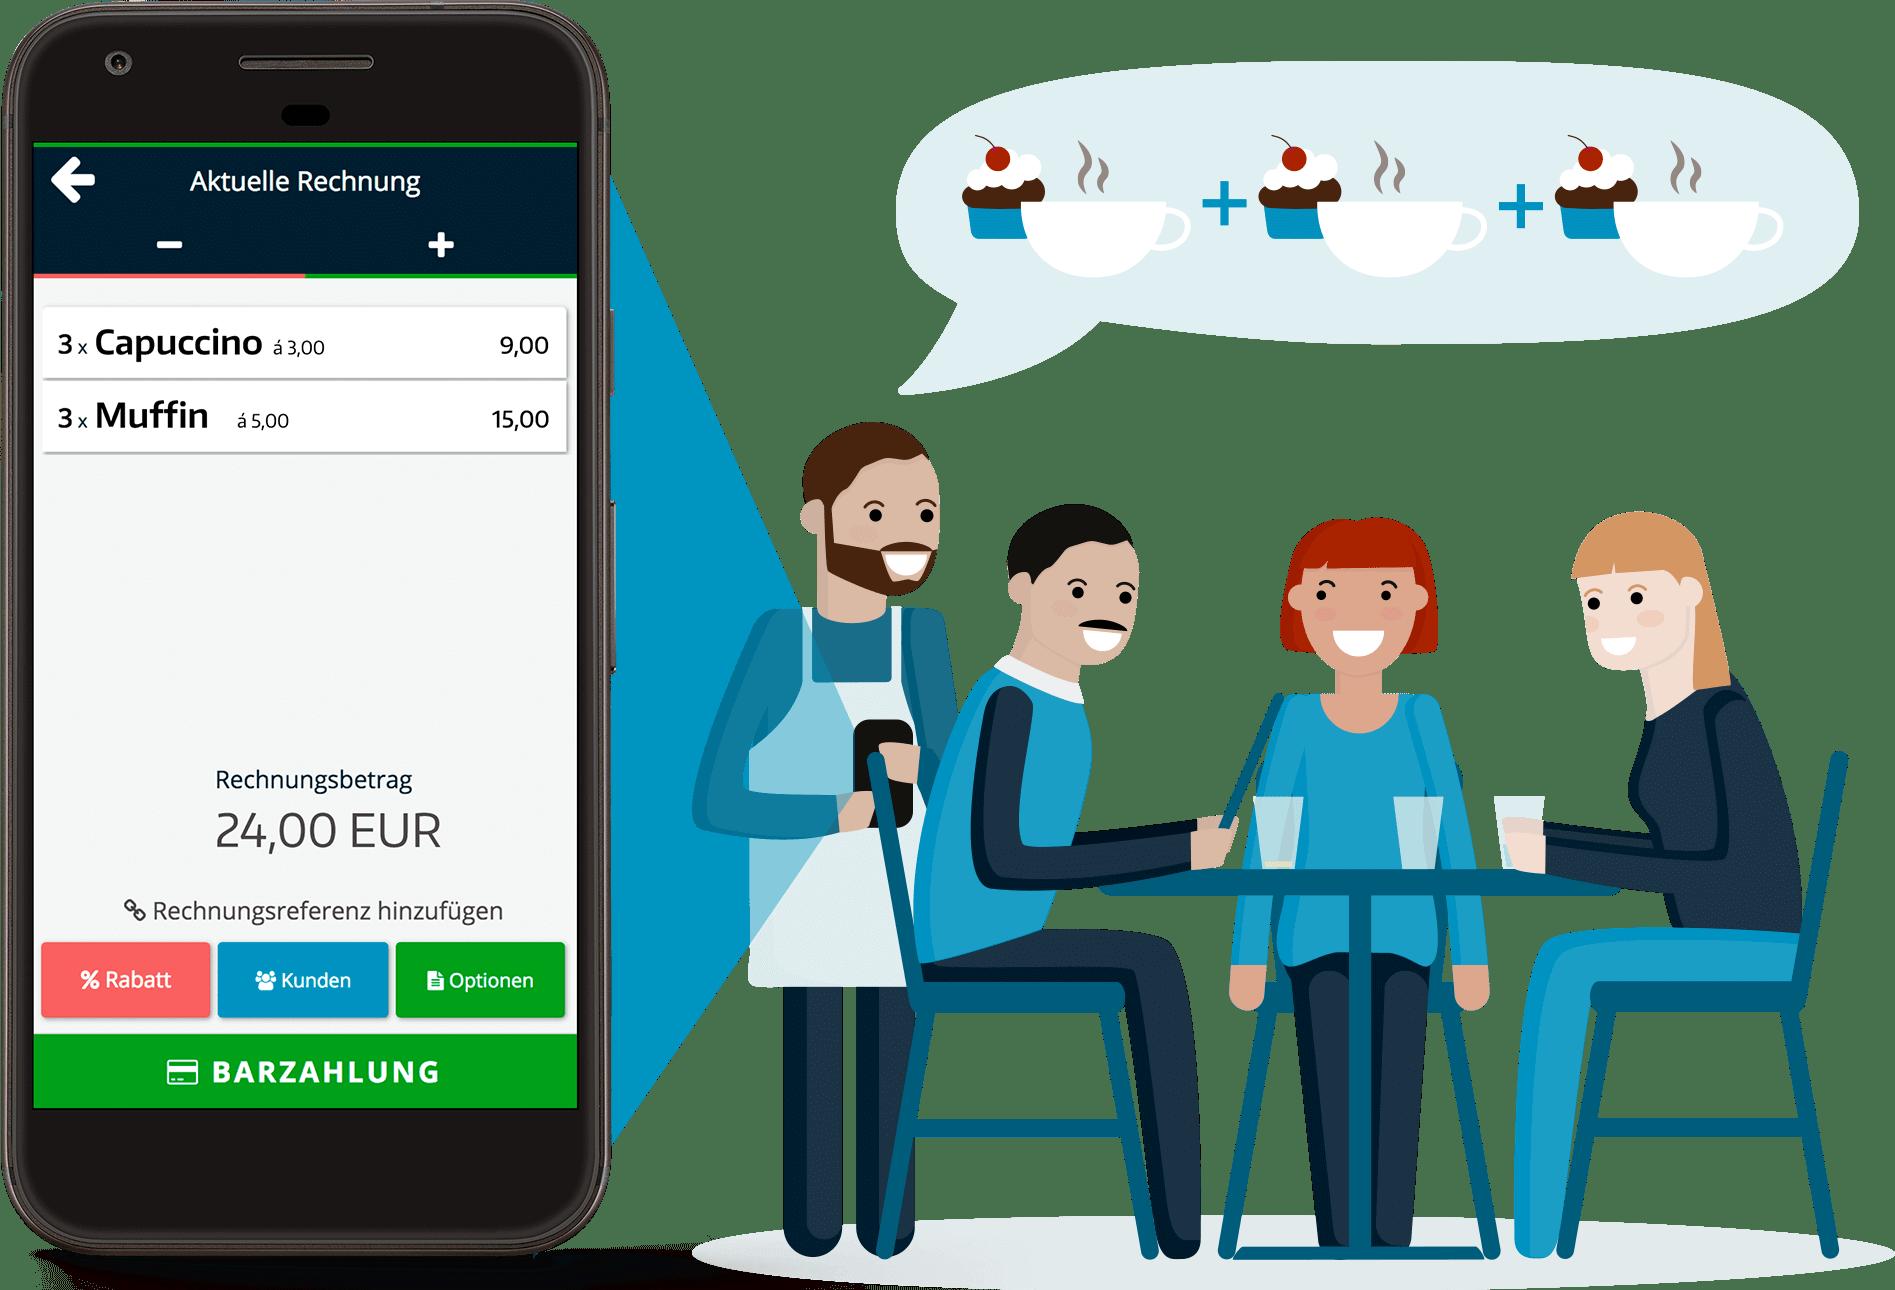 Personen sitzen im restaurant und bezahlen mit app für kassensoftware